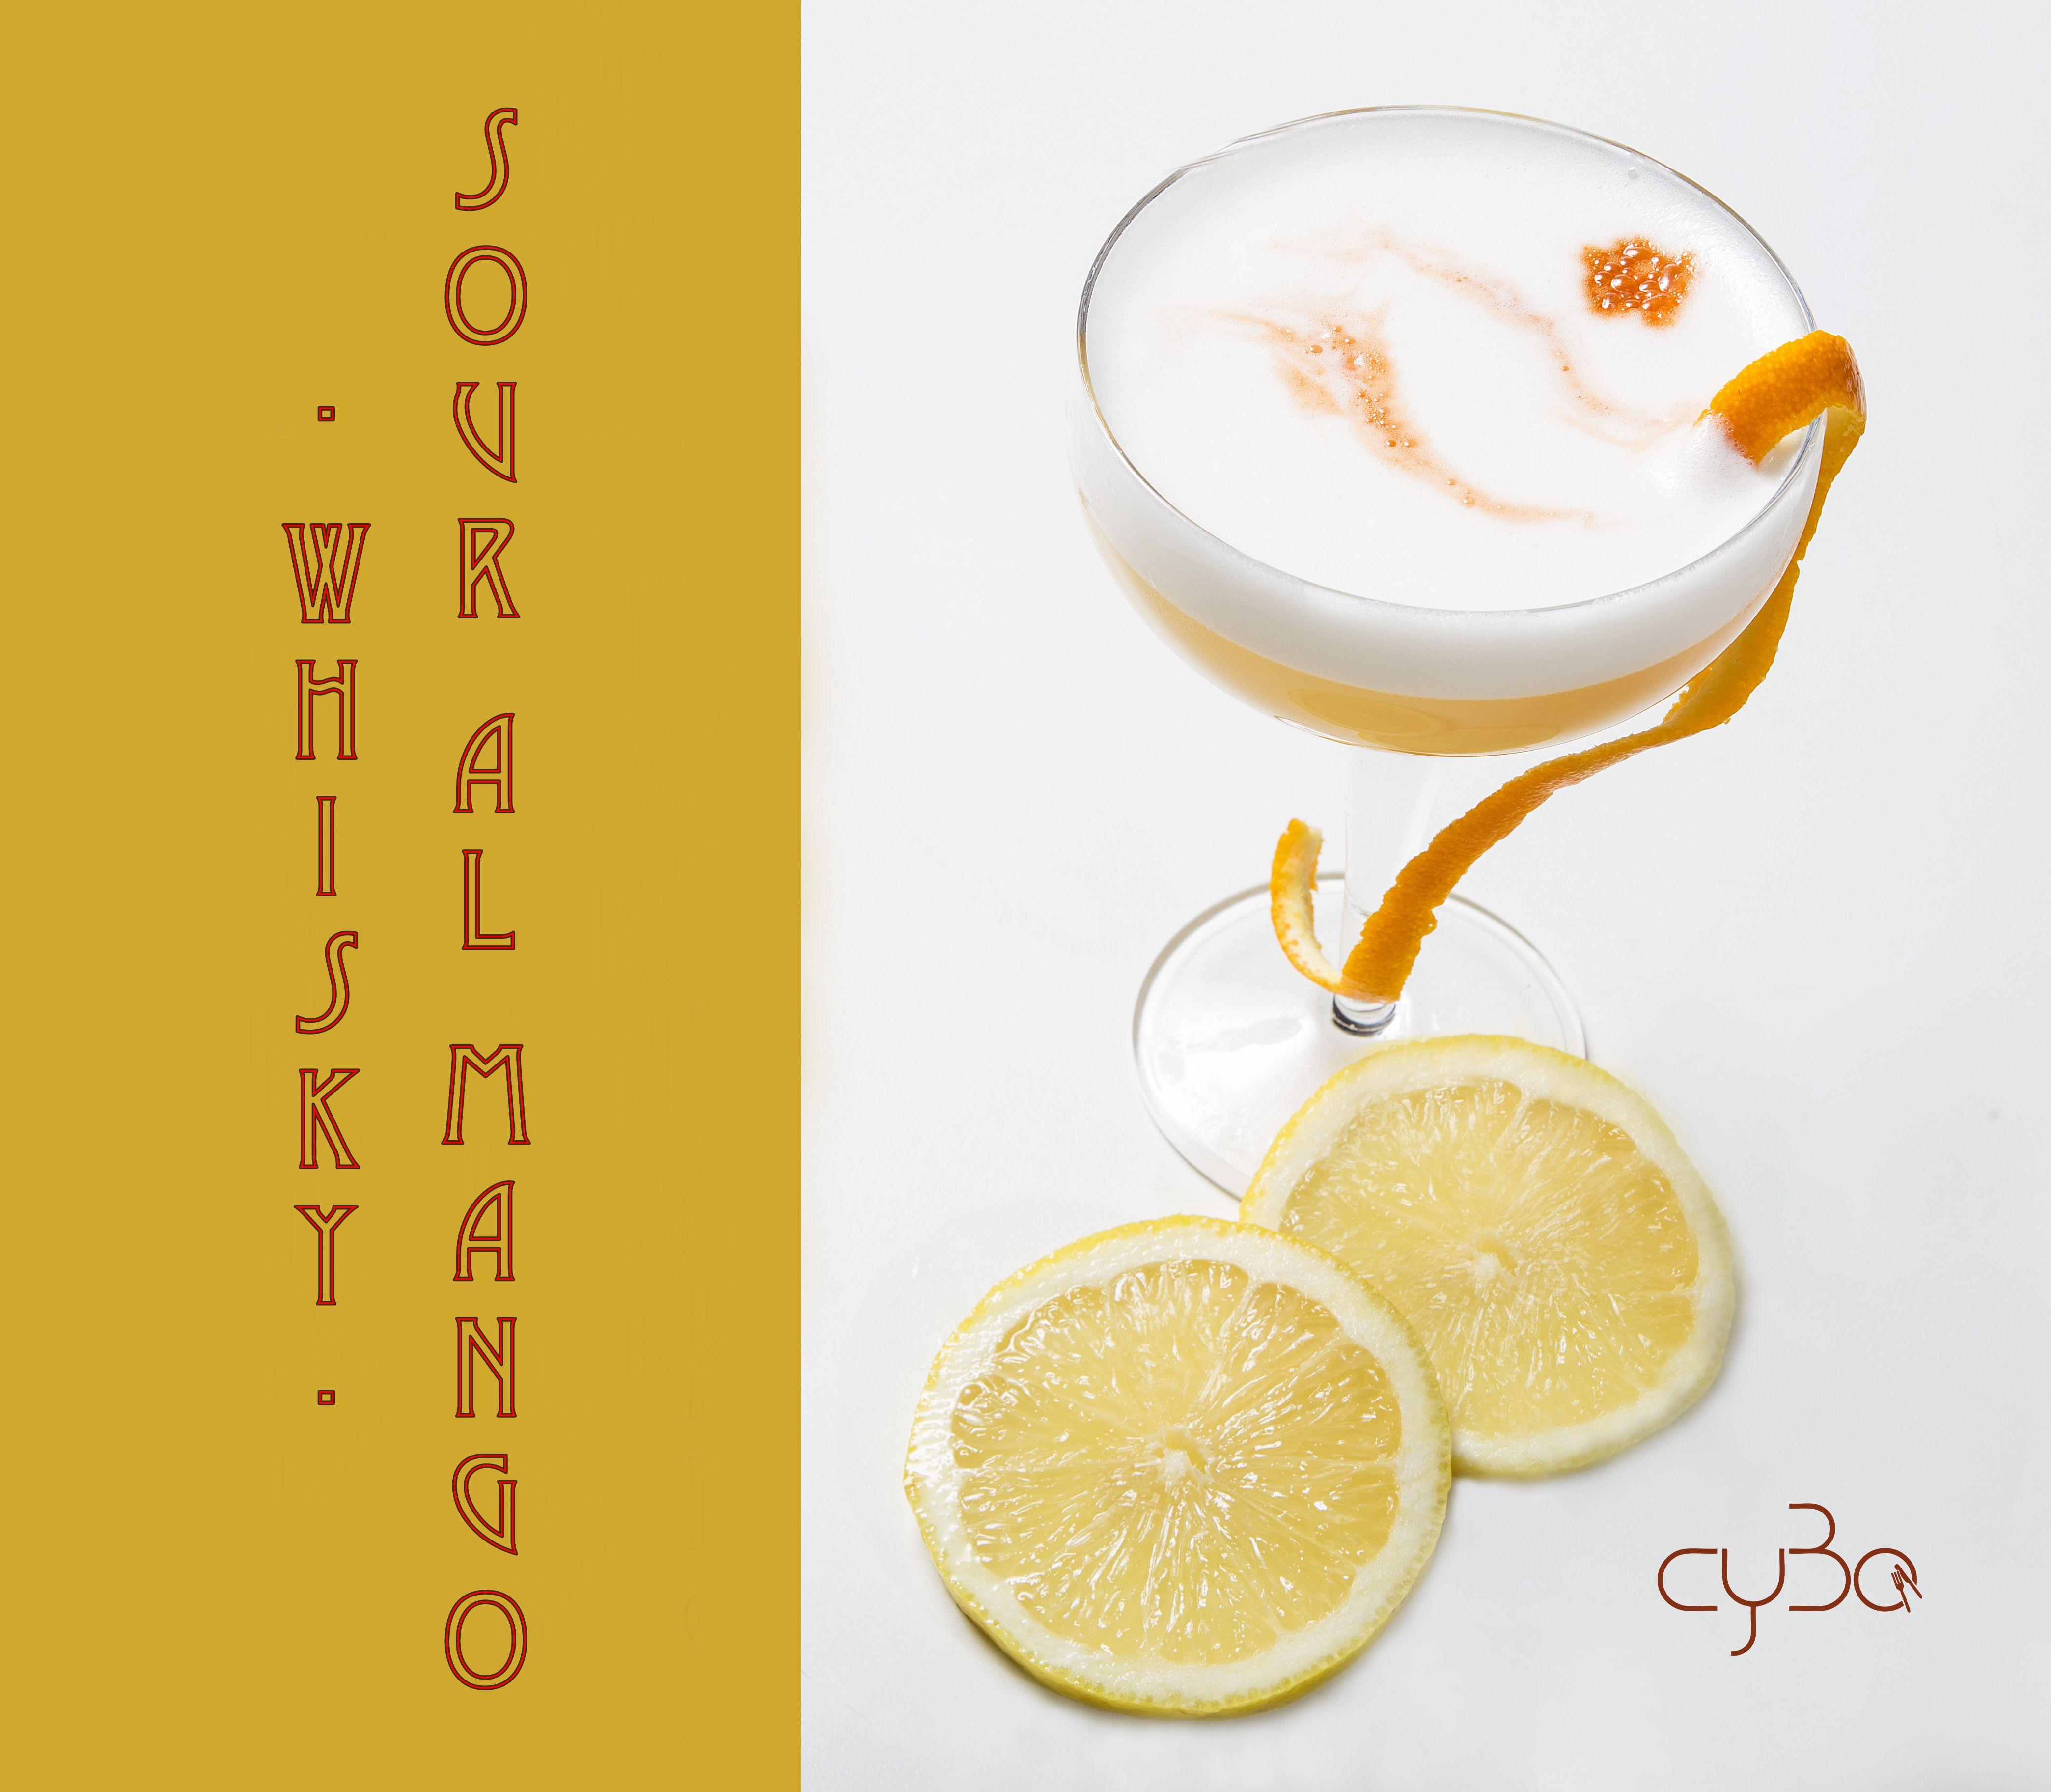 Il #weekend ideale, un ottimo #cocktail da degustare ascoltando della buona #musica...Sounds good?! #Djset tutti venerdì, sabato e domenica, con il seguente orario:  • Venerdì e sabato: 22:00 - 01:30  • Domenica: 19:00 -23:00.  Vi aspettiamo!   #cyboroma #cybo #roma #rome #concerto #music #night #friends #romerestaurant #funinrome #romabynight #cocktails